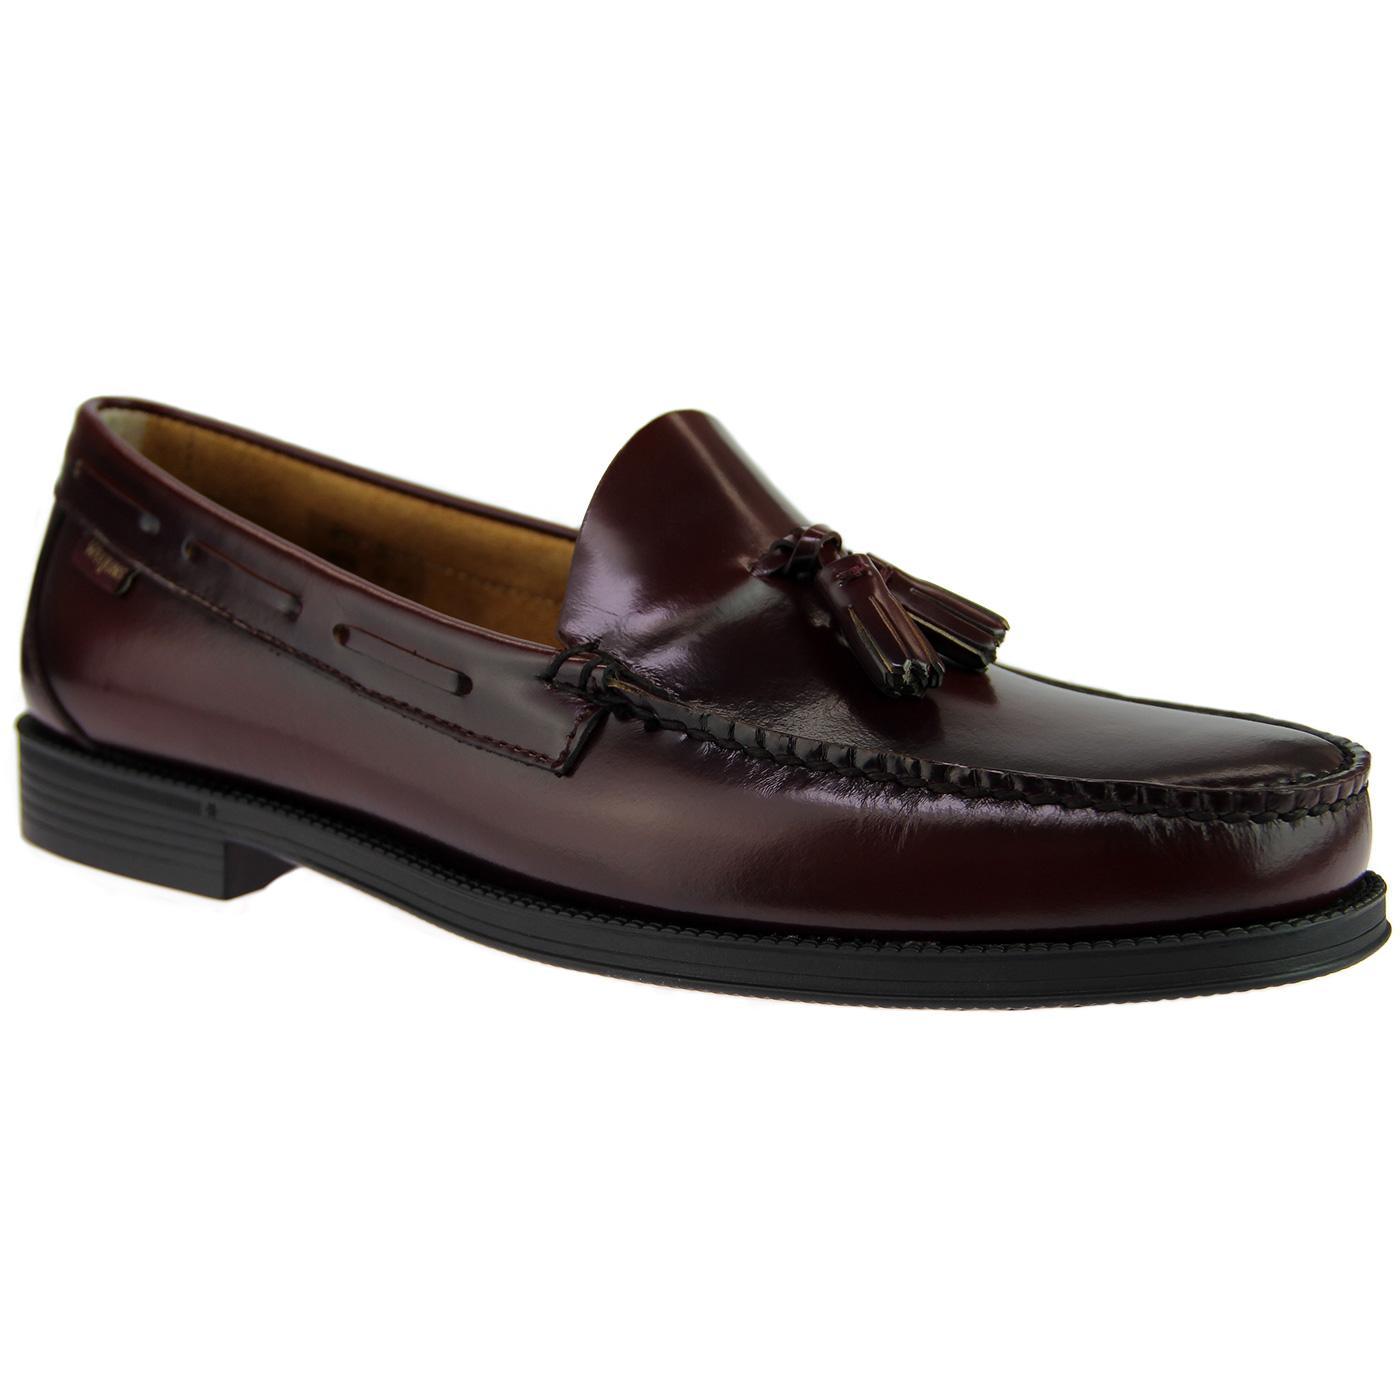 Larkin Easy BASS WEEJUNS Moccasin Tassel Loafers W